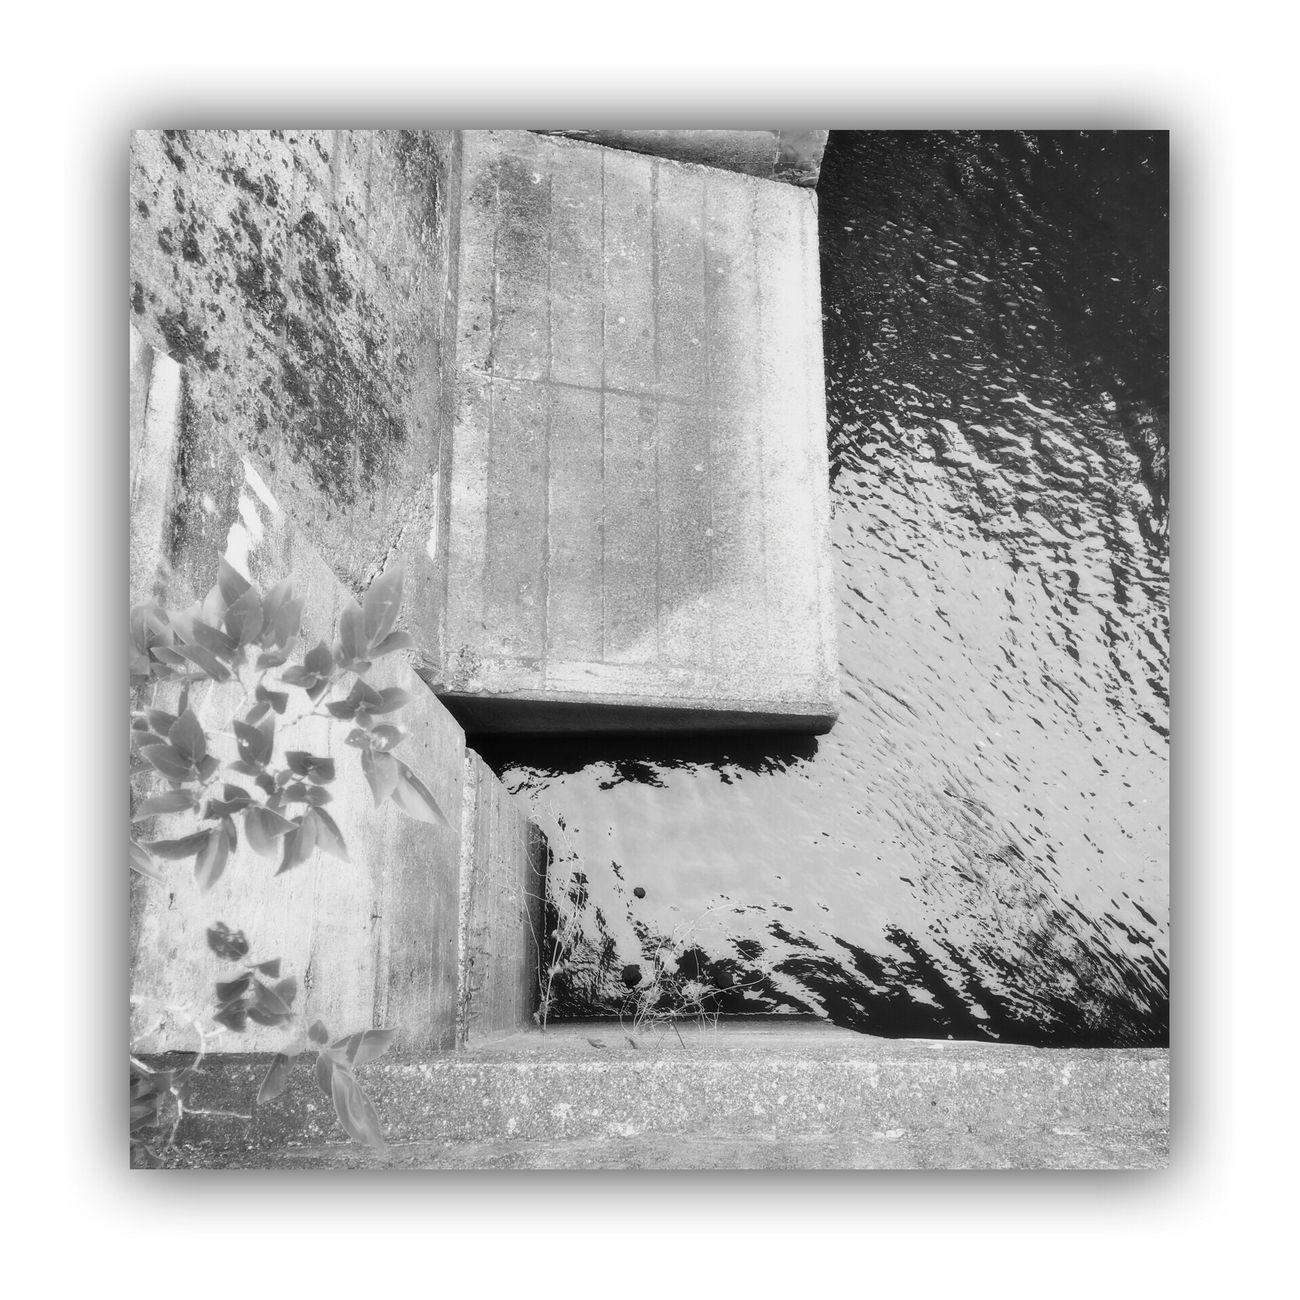 「川を橋の上から撮る。」 I Took The Rivers From On The Bridge River Bridge Monochrome_life Light And Shadow Monochrome Blackandwhite The Week Of Eyeem